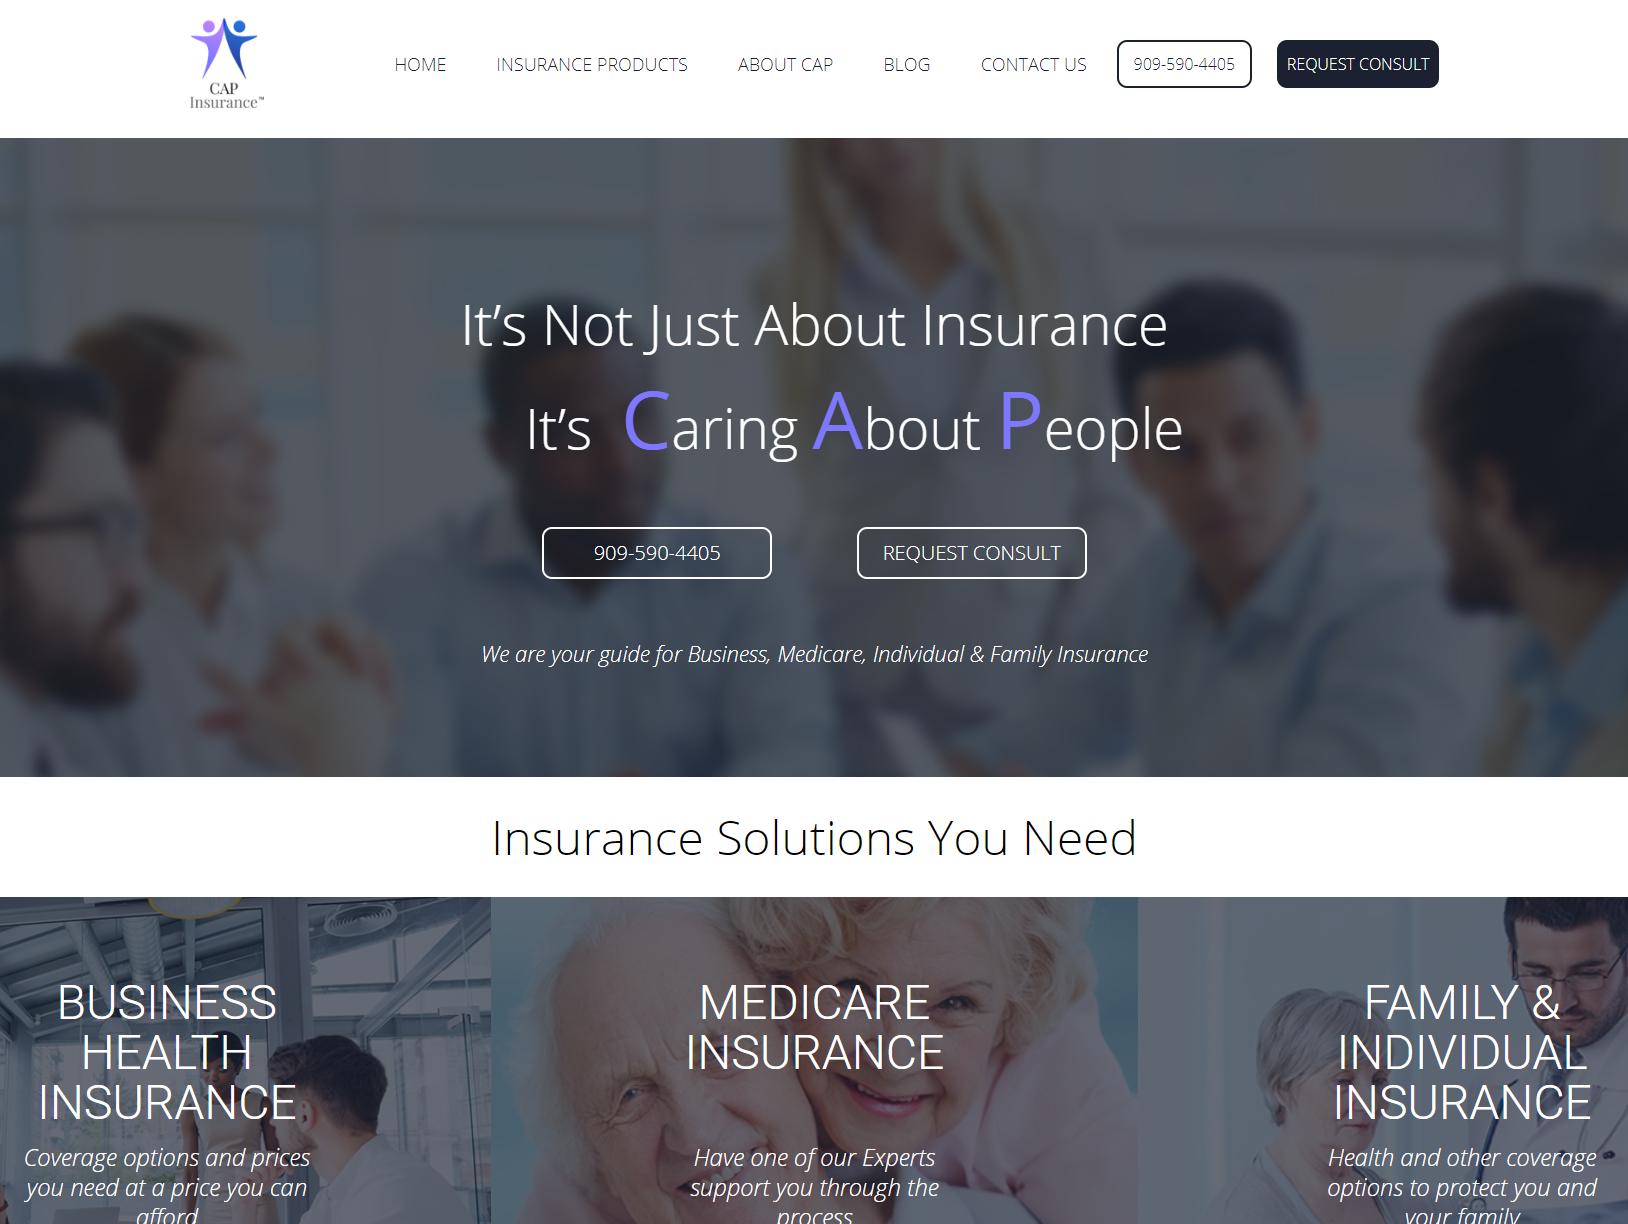 Cap Insurance